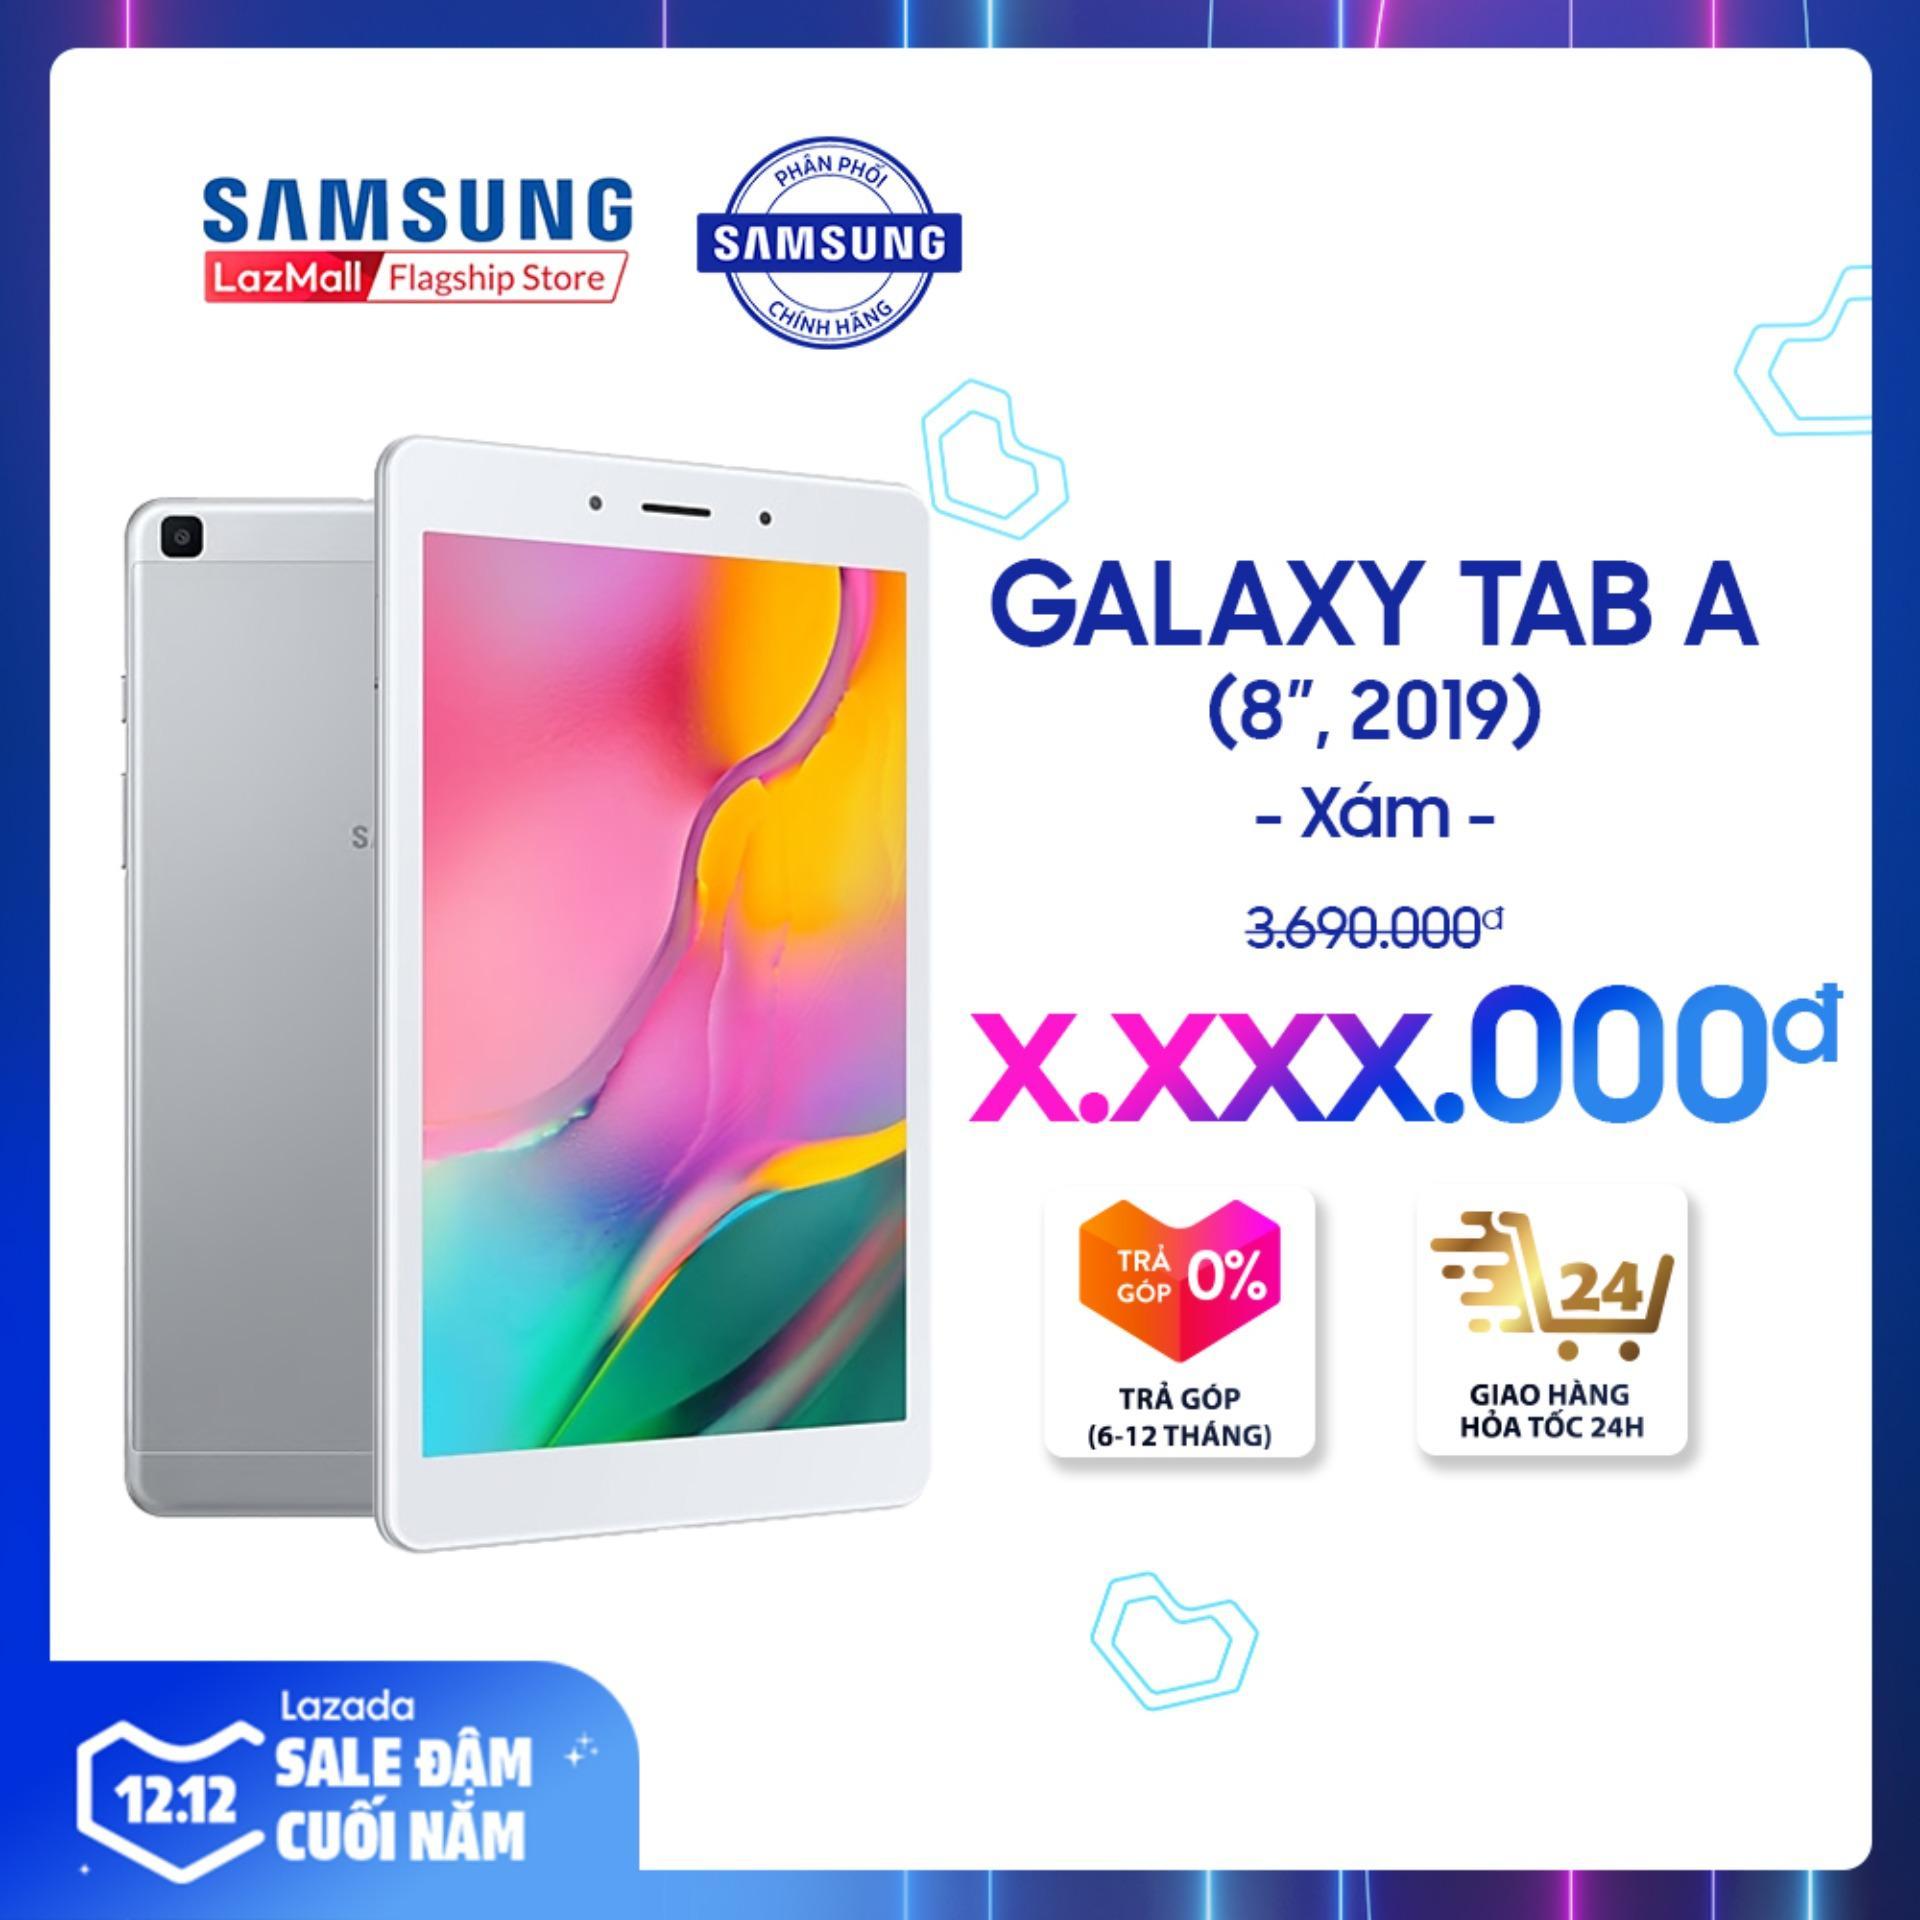 Offer Ưu Đãi Máy Tính Bảng Galaxy Tab A SM-T295 32GB (2GB RAM) 2019 - Màn Hình 8 Inch, Tỷ Lệ 16:10 Full HD + Trọng Lượng Chỉ 347g Mỏng Nhẹ + Hỗ Trợ Thẻ Nhớ đến 512GB + Pin 5100 MAh - Hàng Phân Phối Chính Hãng.